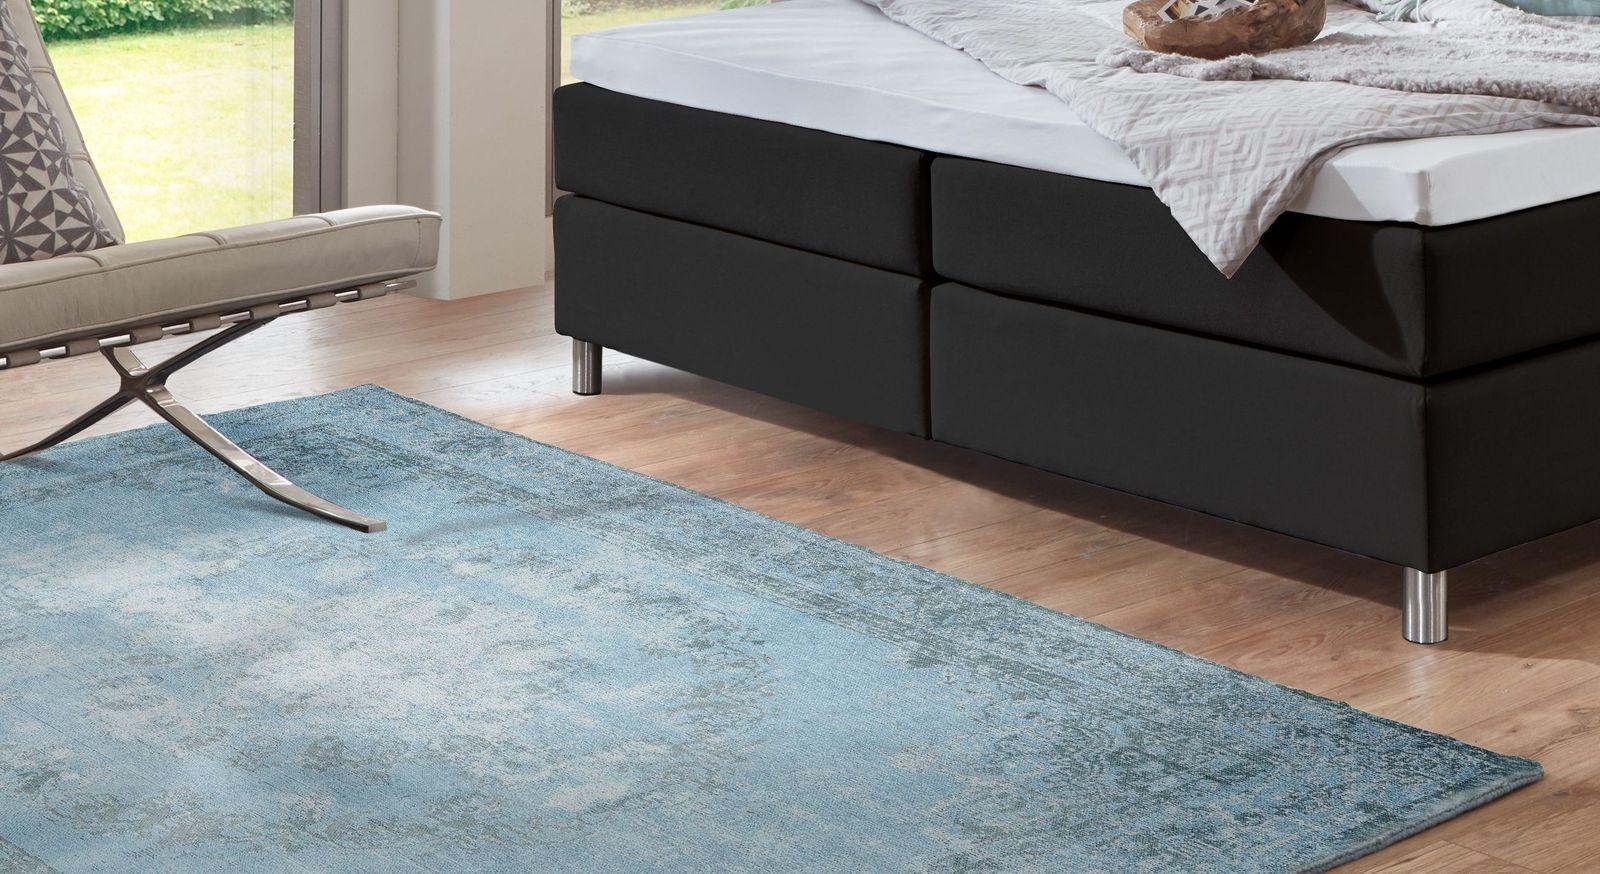 Teppich Royal türkis in Übergröße erhältlich